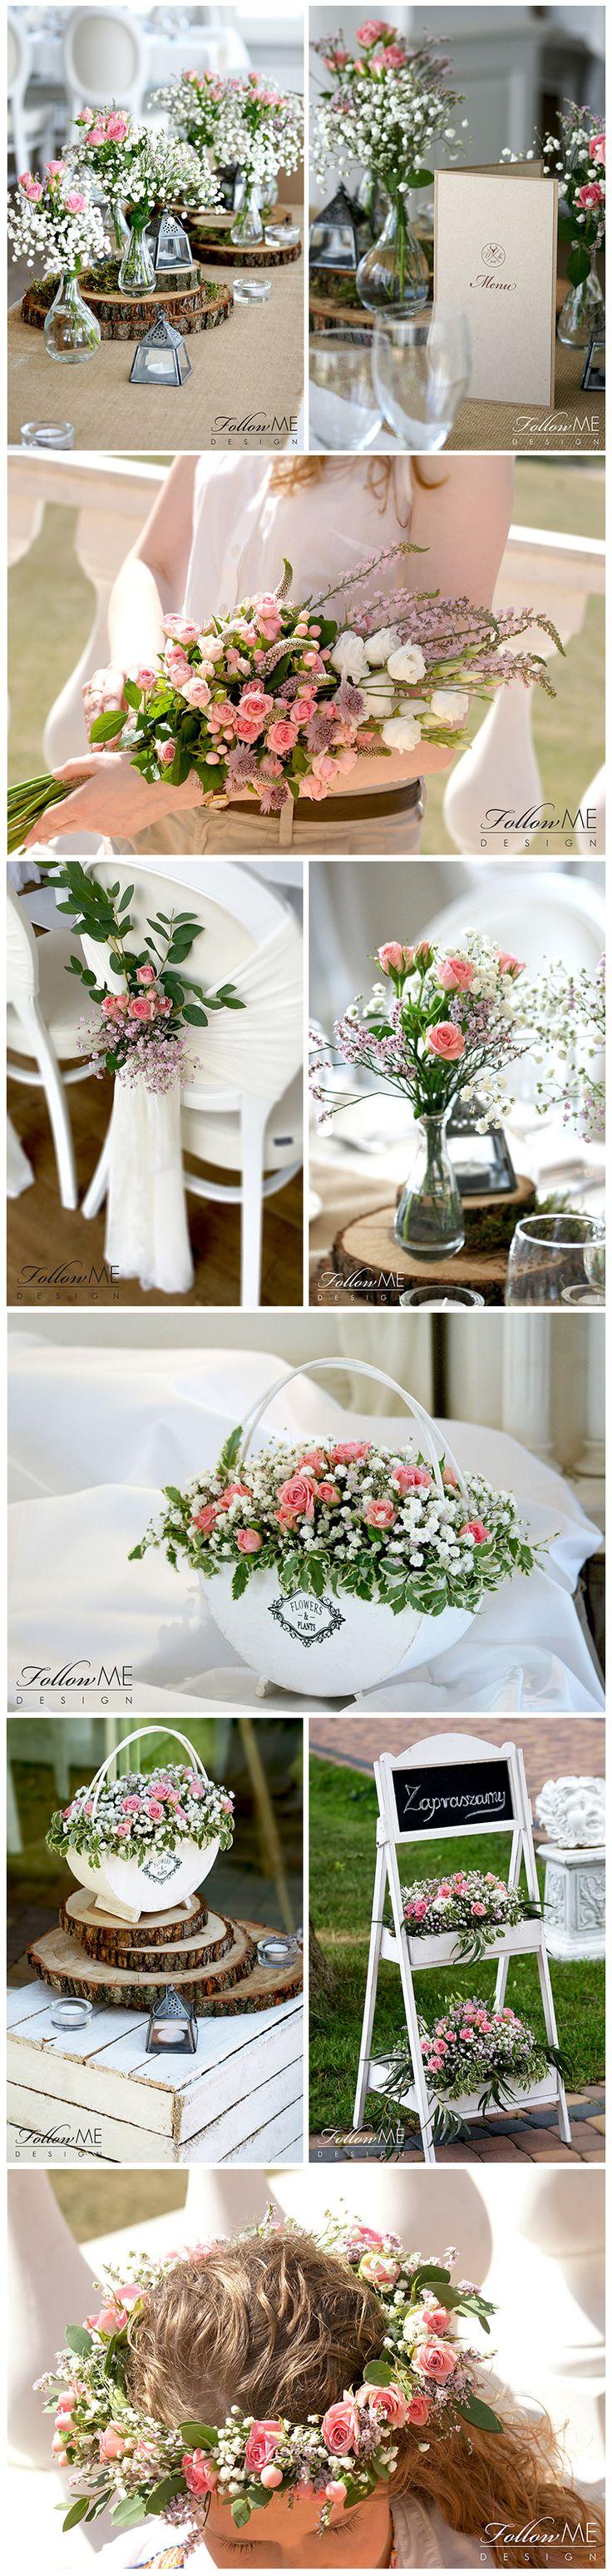 Rustykalne dekoracje ślubne / Inspiracje ślubne od FollowMe DESIGN: Rustykalny bukiet ślubny, Wianek ślubny z róż, Butonierki z róż, Dekoracje stołów, Dekoracje sali, Zaproszenia ślubne, Karty menu, Winietki / Wedding Decorations / Inspirations & Details by FollowMe DESIGN: Boho Wedding Roses Bouquet, Boho Wedding Flower Crown, Roses Boutonniere, Rustic Wedding Invitations, Wedding Place Card , Menu Card,